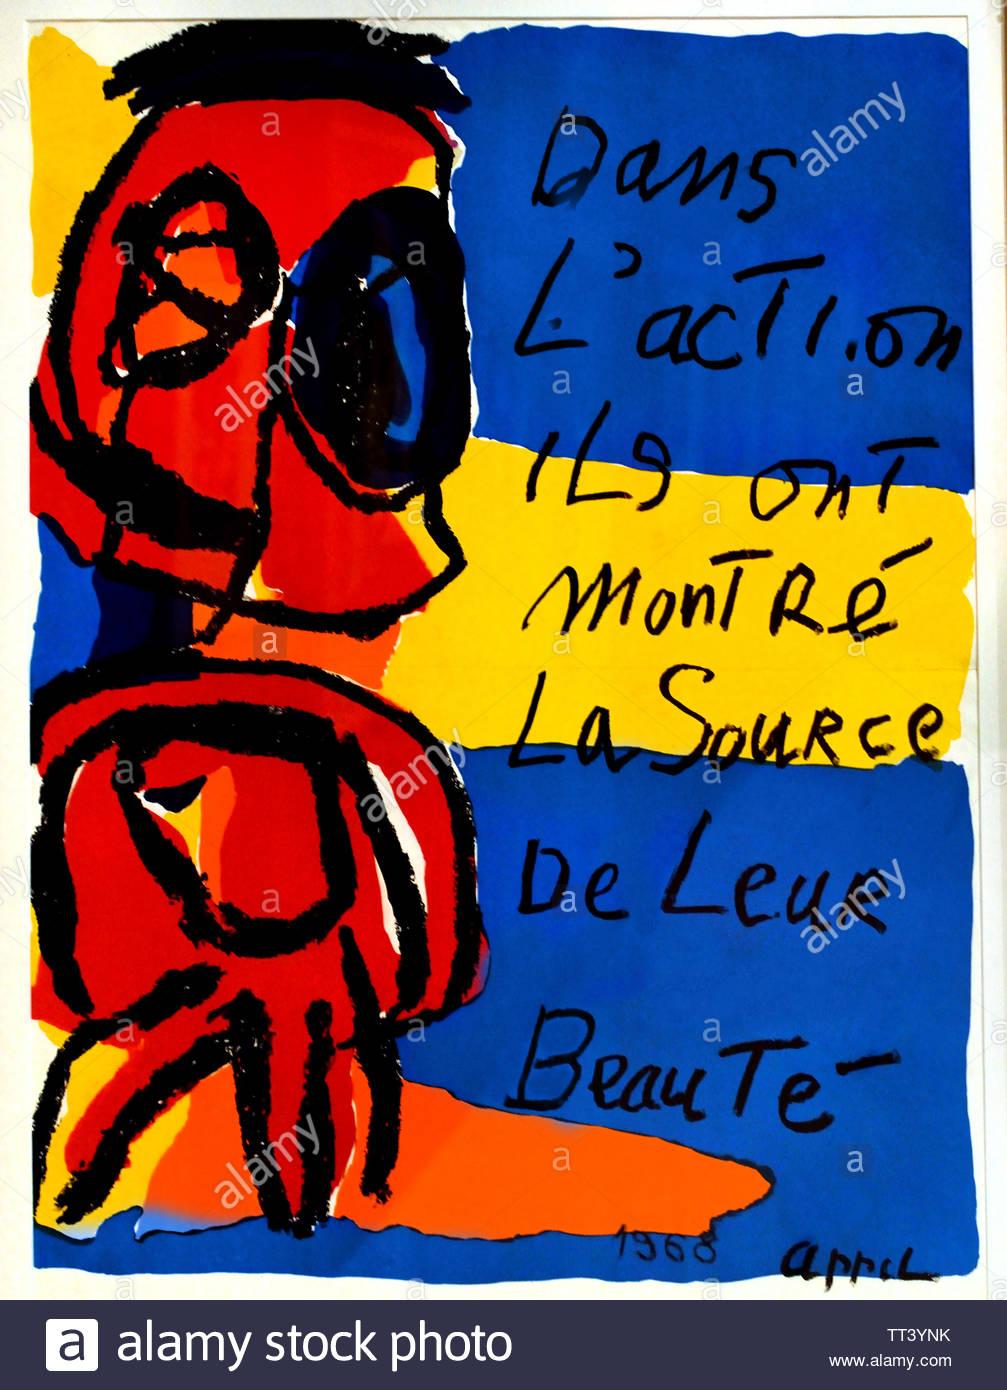 Dans L'Action ils ont montré La Source de Leur Beauté - In Action they showed The Source of Their Beauty by Karel Appel born in 1921 Dutch painter, (sculptor,  poet, Avant-garde movement Cobra), The, Netherlands. - Stock Image